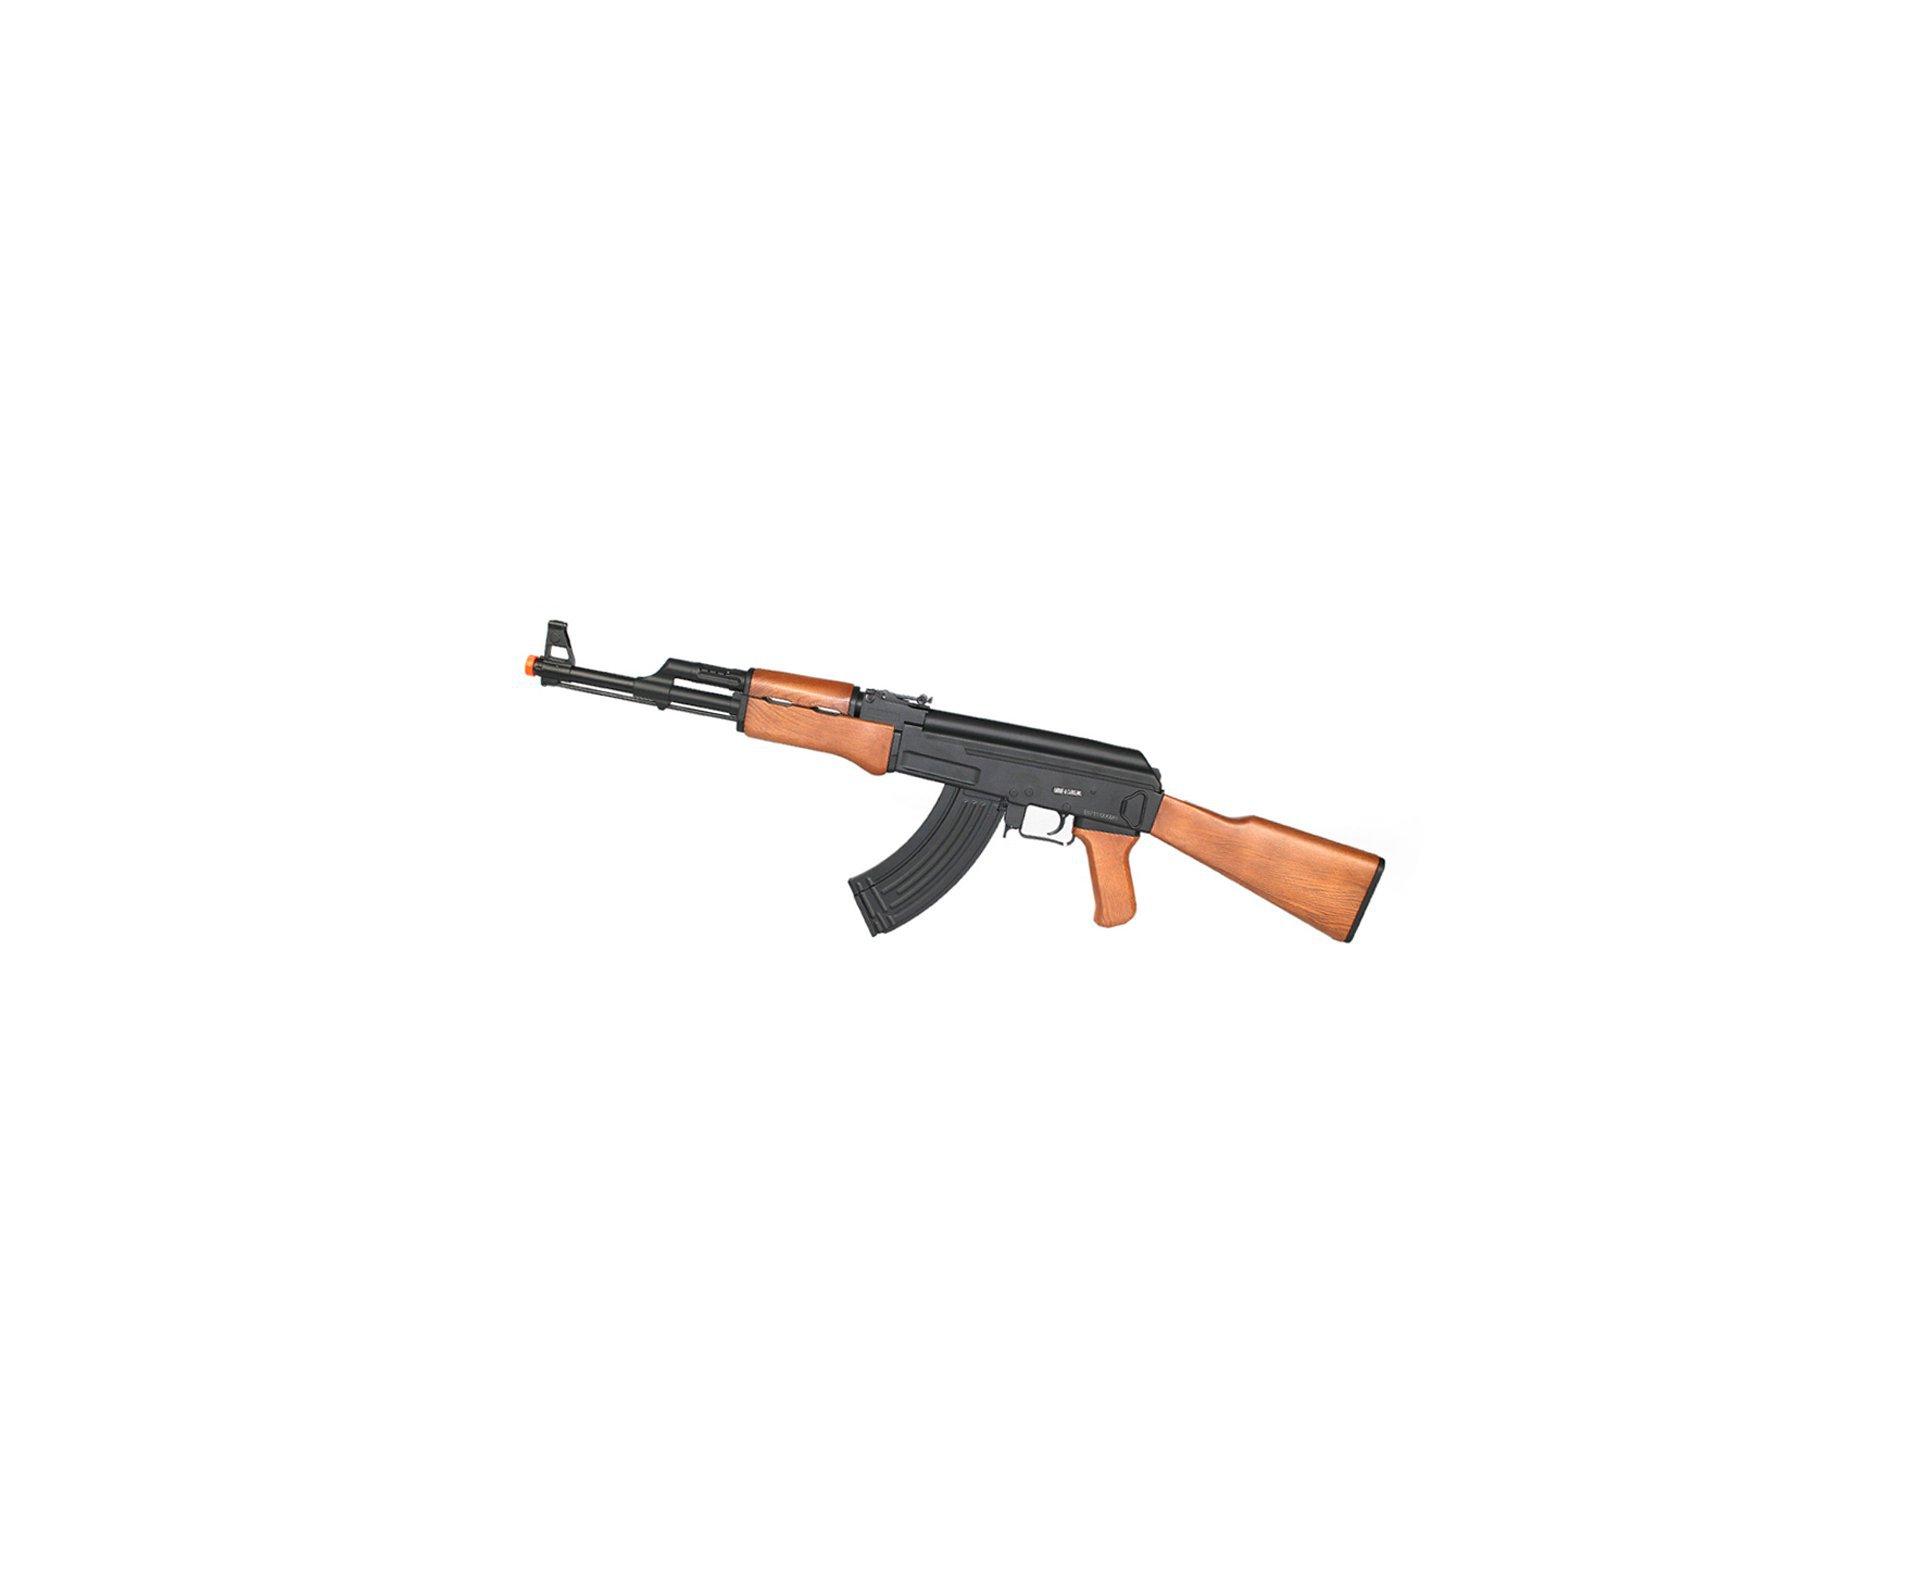 Rifle De Airsoft Ak47 Cm022 Cal 6,0mm Cyma + Esferas 0,12g Bbs Com 5000 Eagle Speed